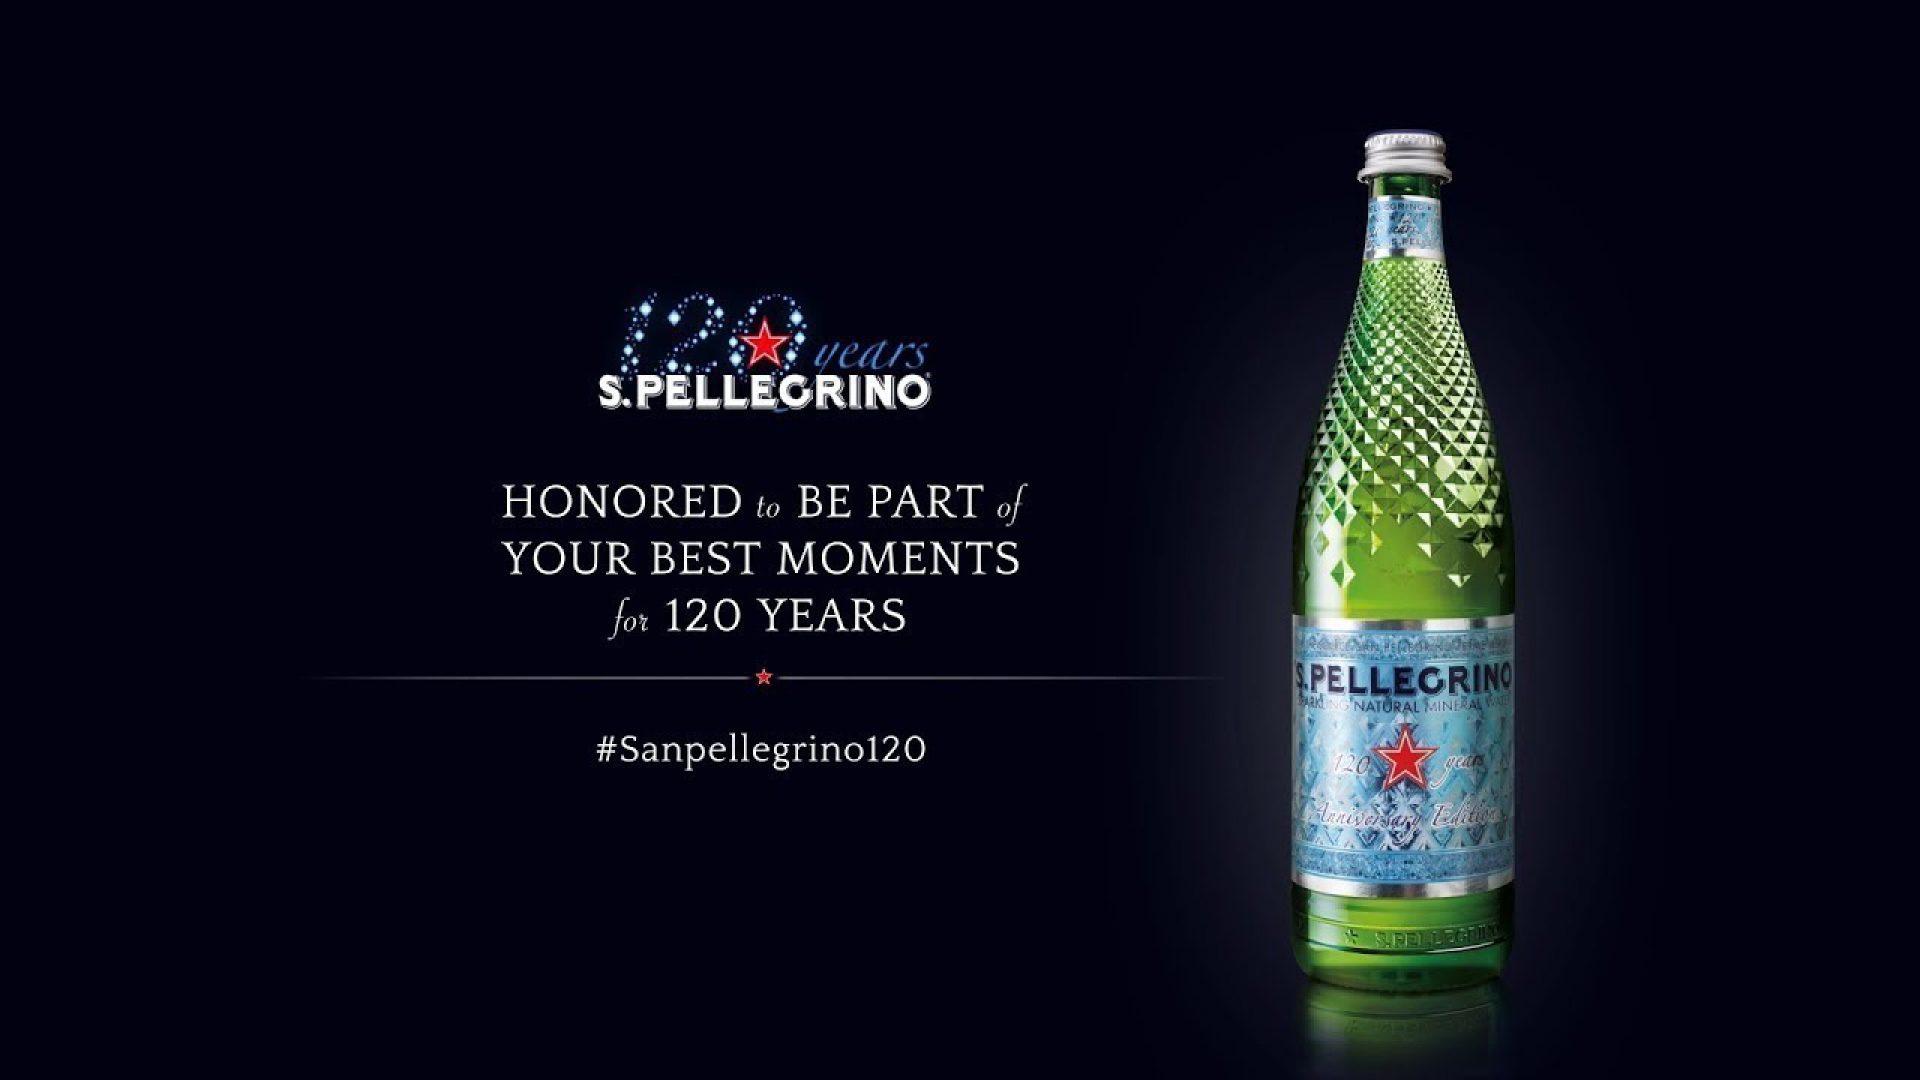 sanpellegrino bottle